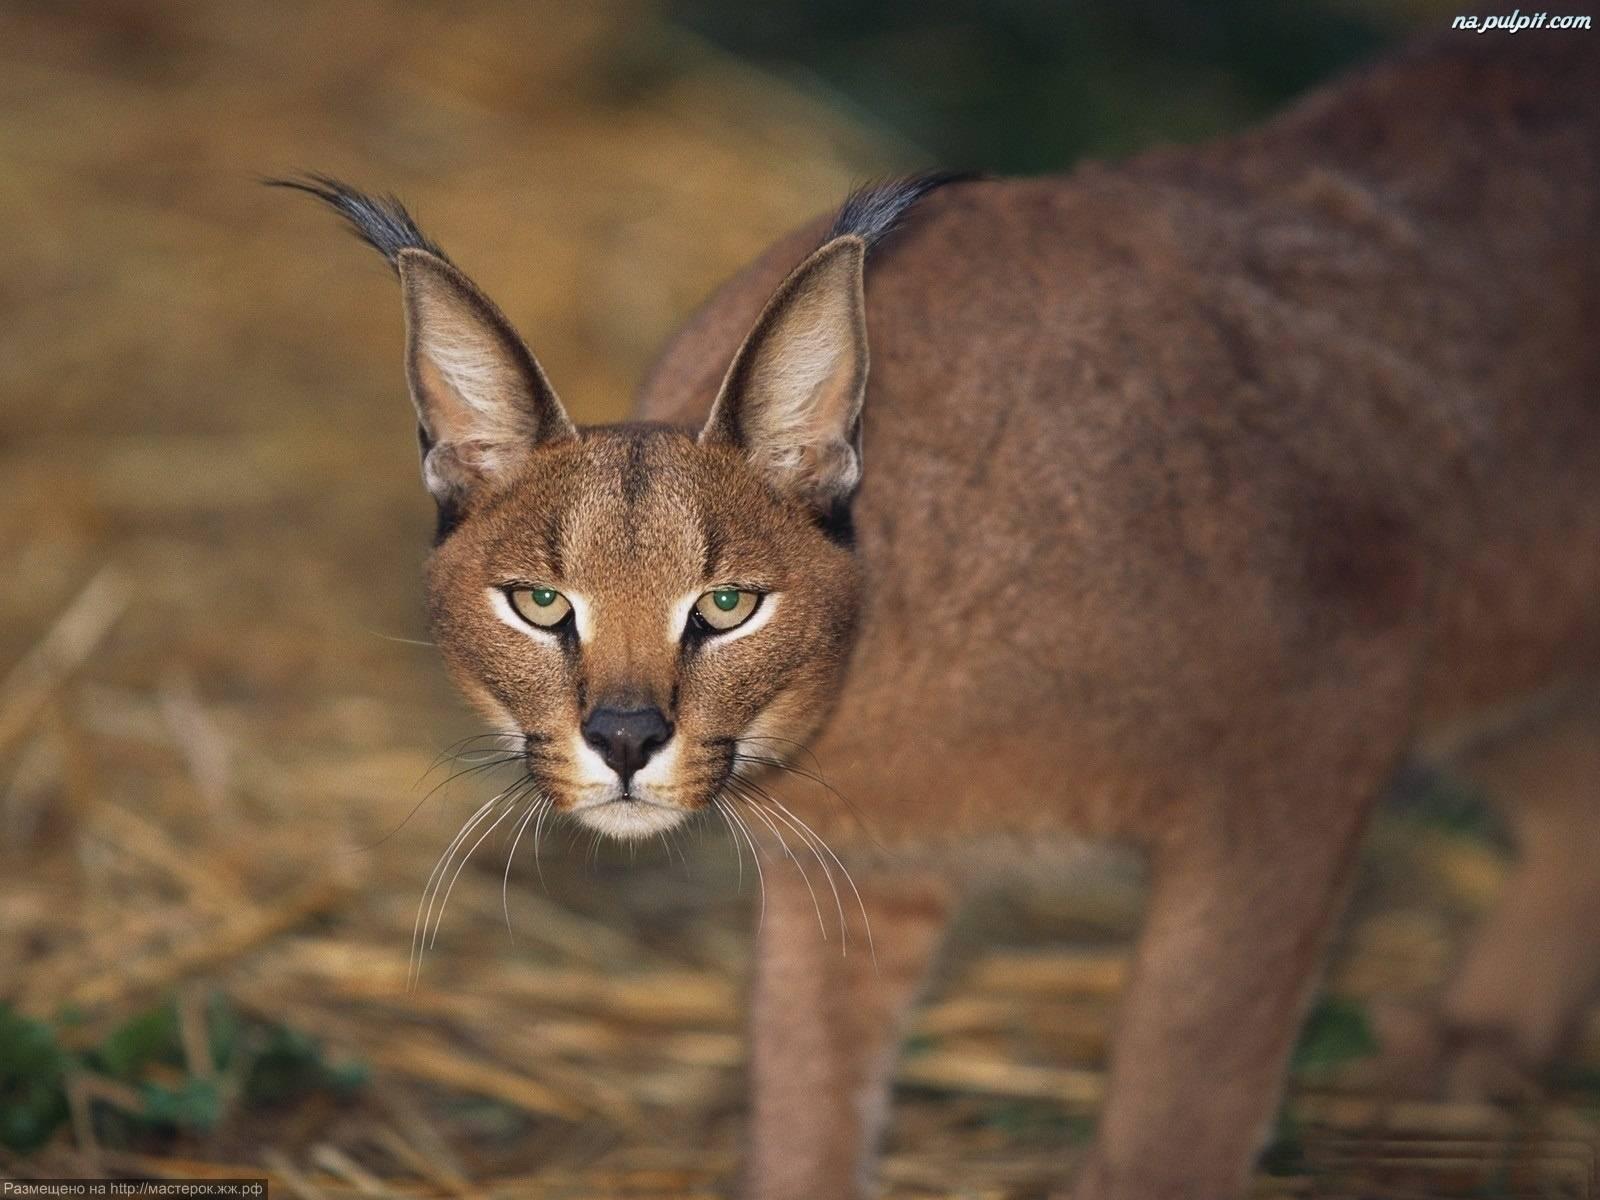 Камышовый кот: история происхождения, описание породы и фото болотной кошки, образ жизни и ареал обитания